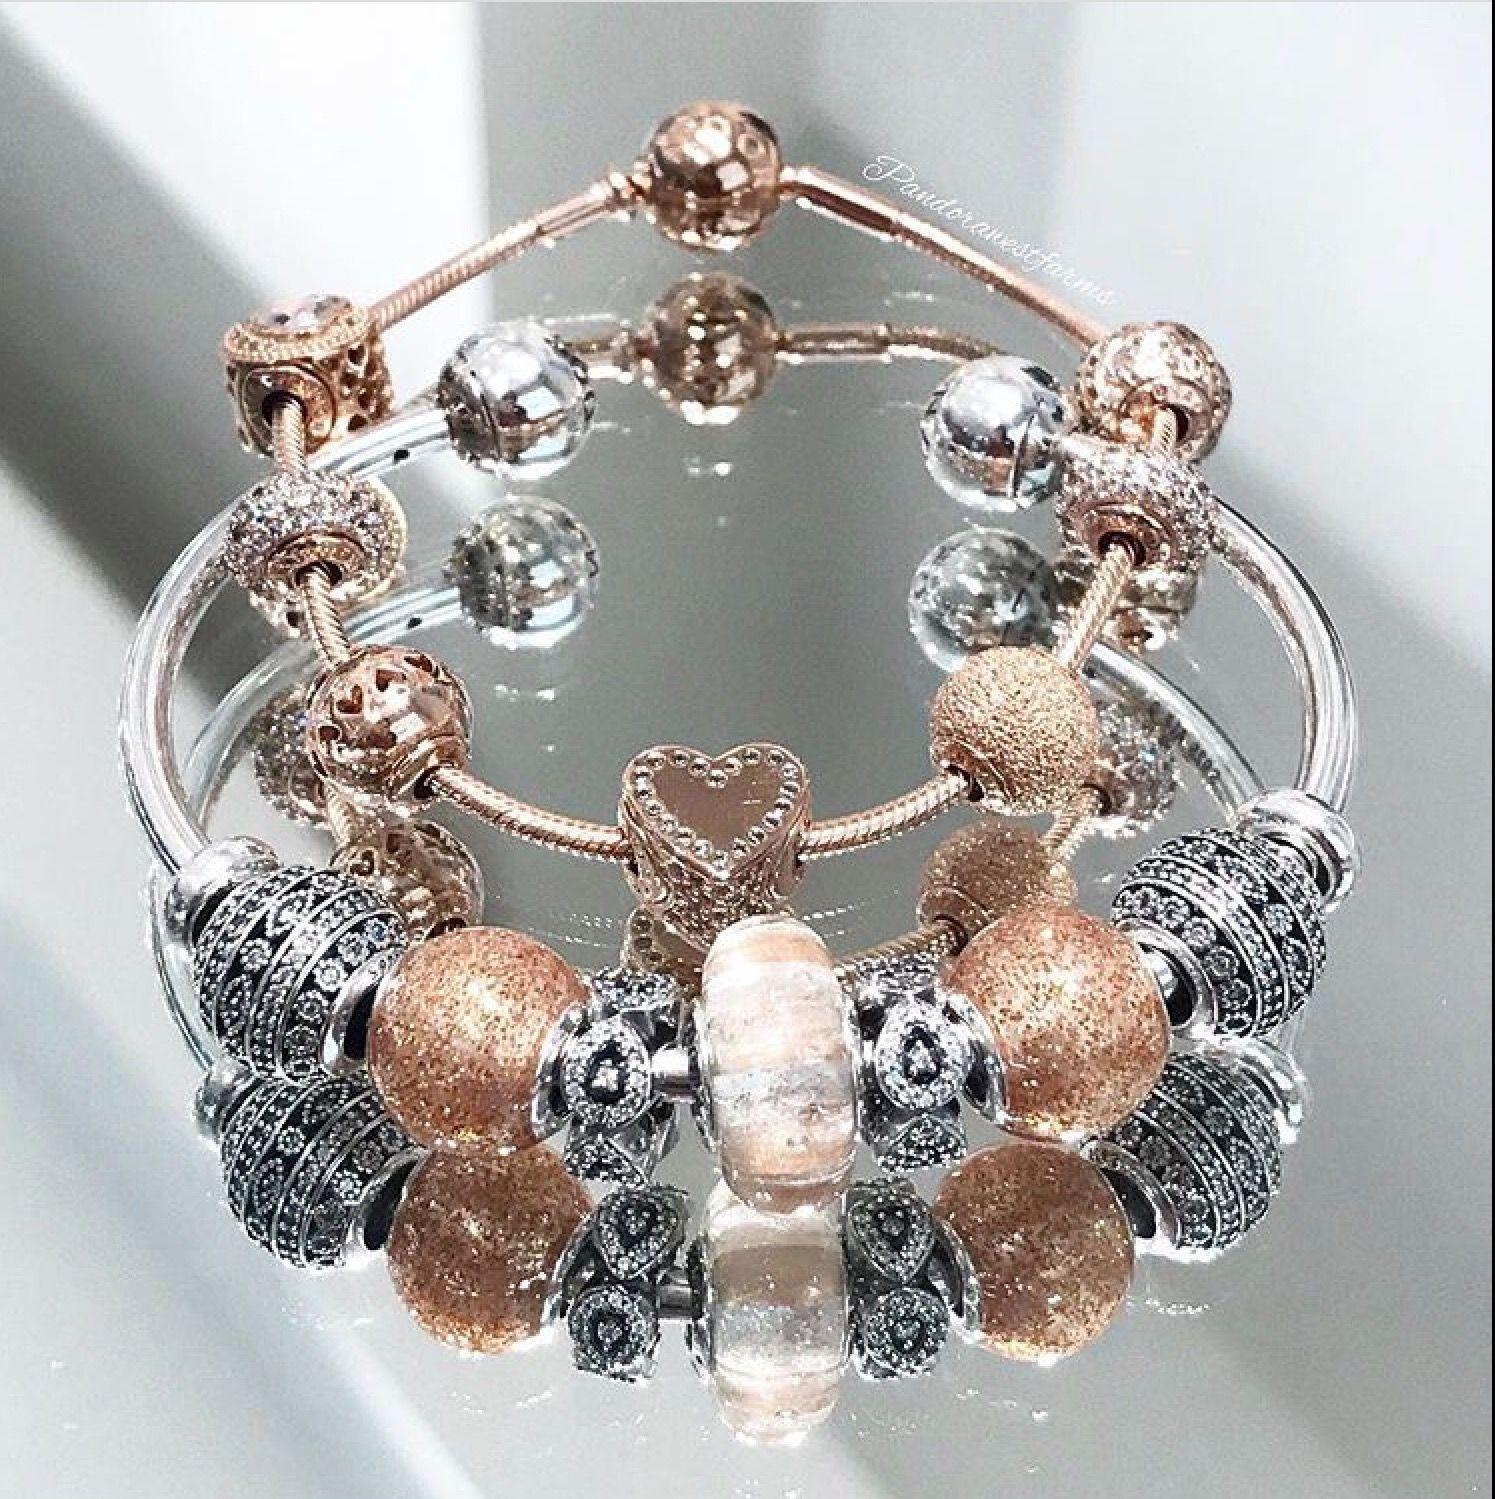 Pandora pandora pinterest pandora pandora jewelry and pandora